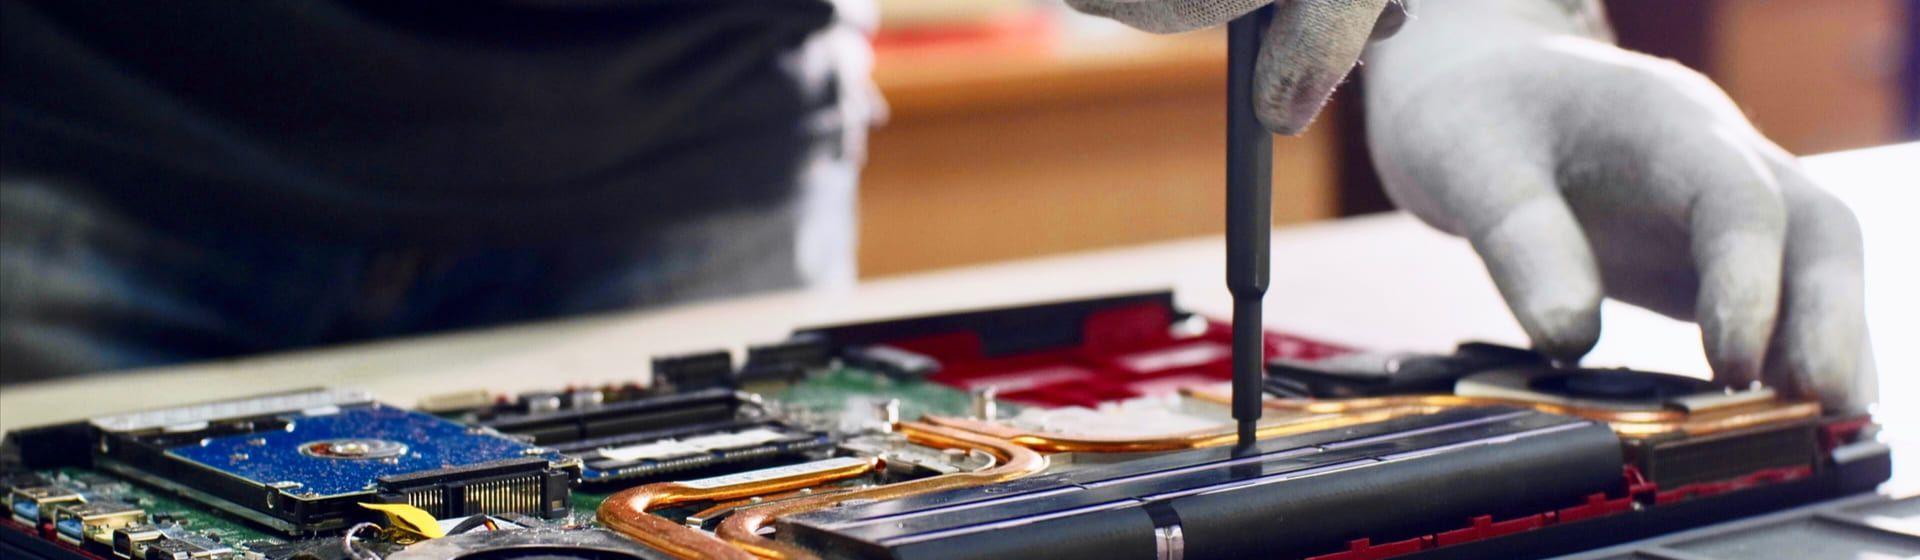 Manutenção de notebook: como fazer e dicas de ferramentas